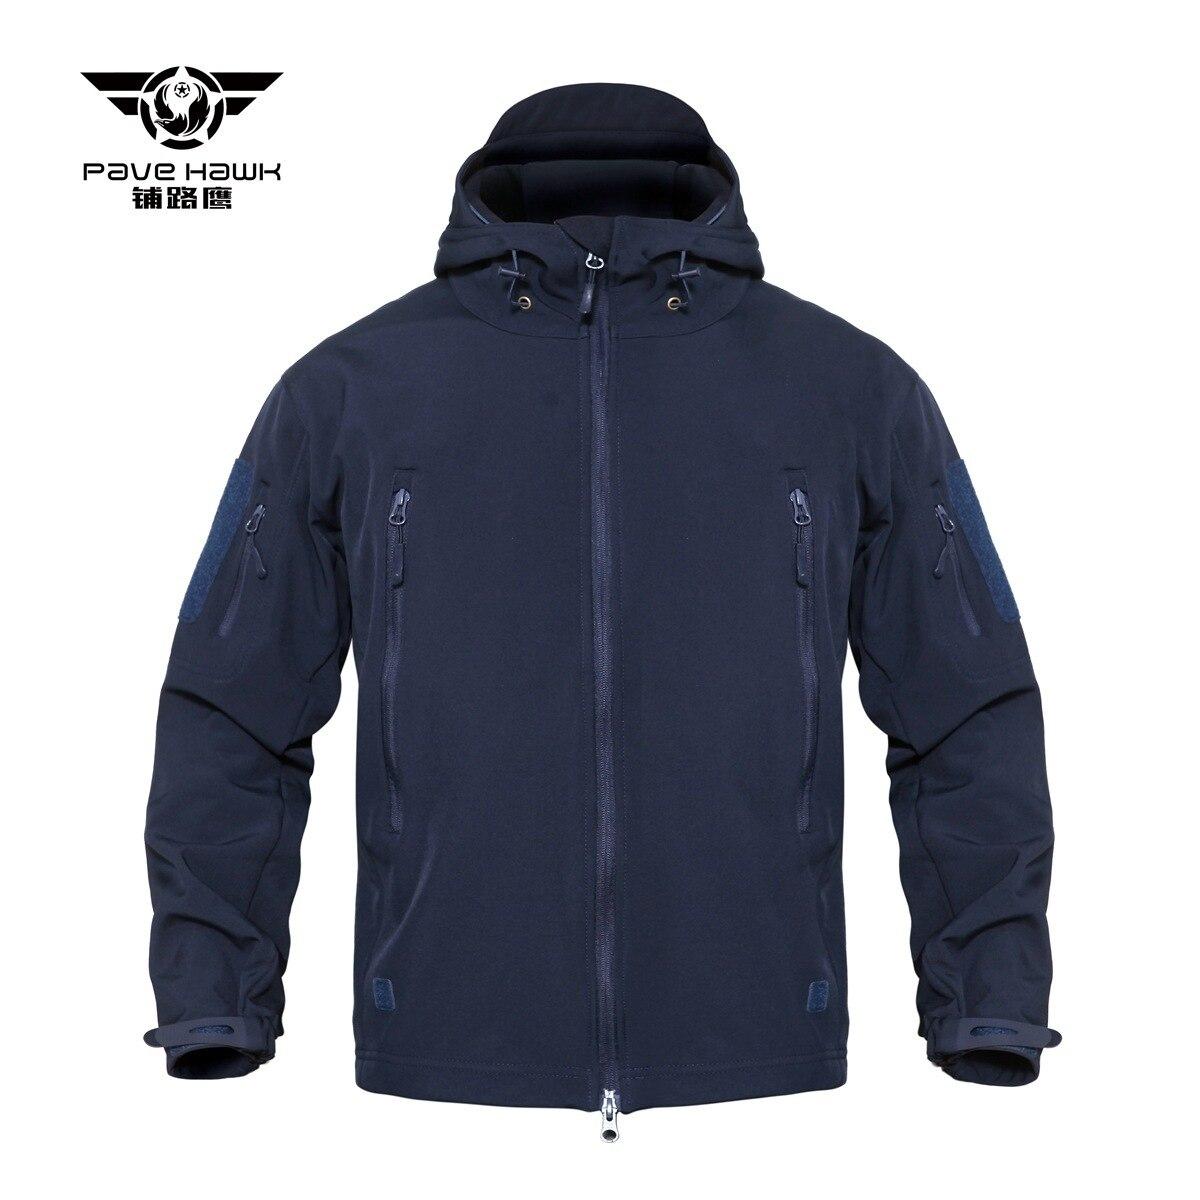 5XL Men Women Winter Warm Camo Jacket Outdoor Fishing Climbing Riding Travel Army Training Waterproof Fleece Hoody Tactical Coat